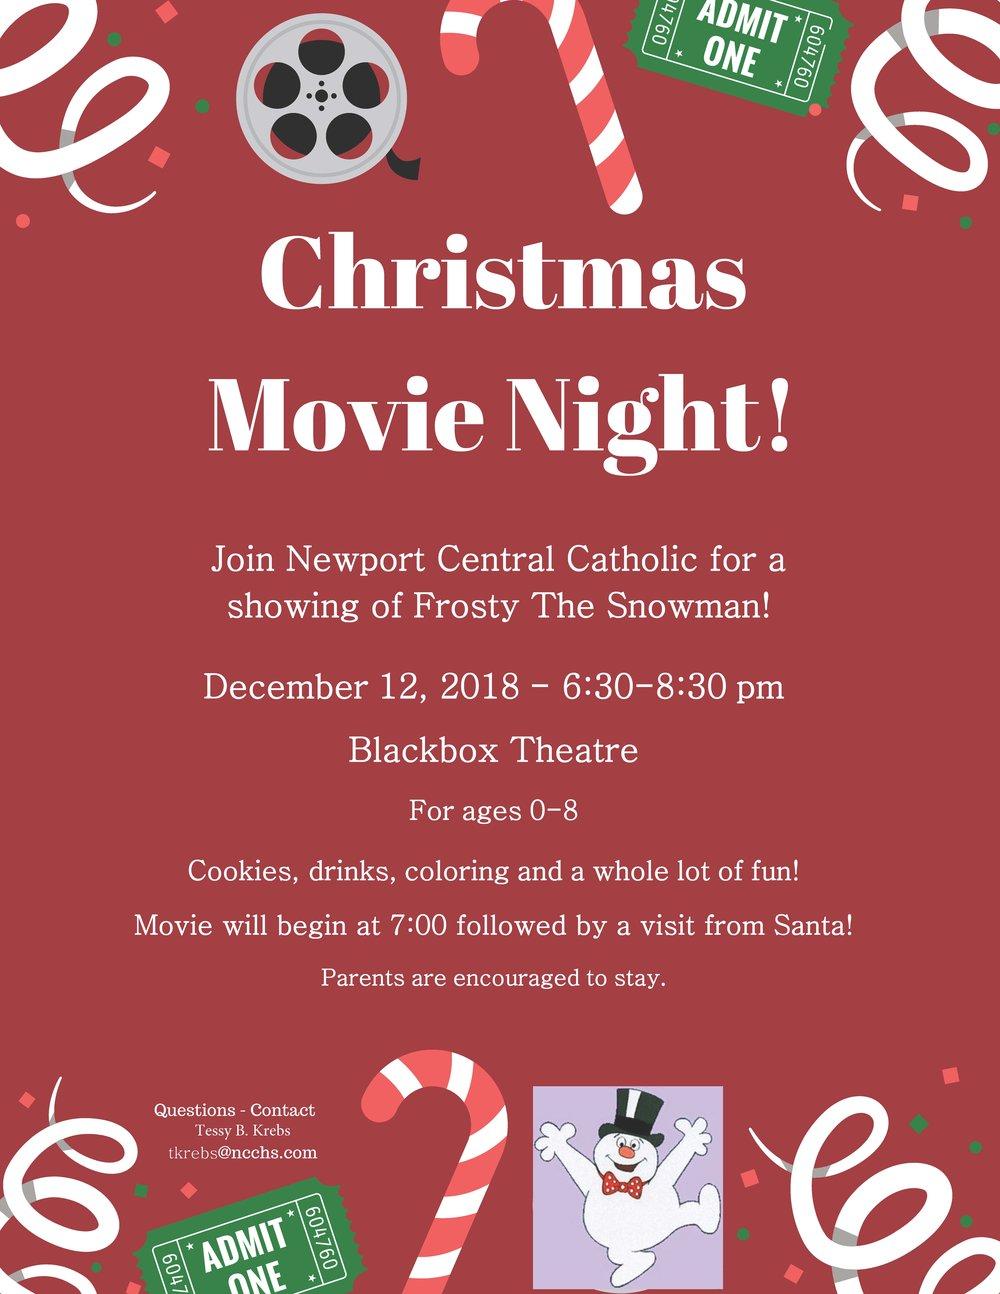 Christmas Movie Night (1) (1) (2).jpg